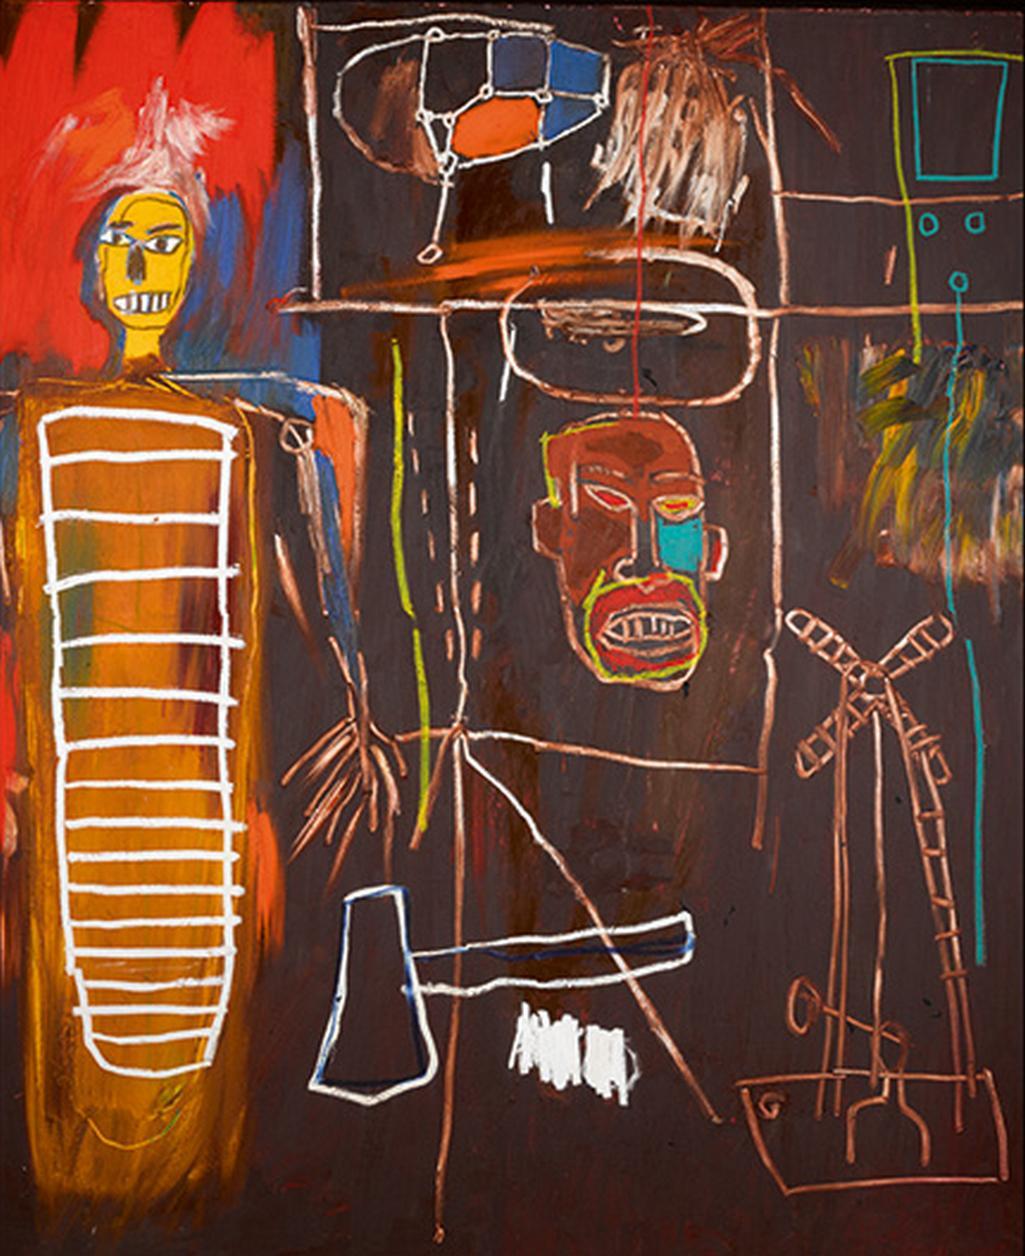 Jean-Michel Basquiat / Vzdušné síly, 1984